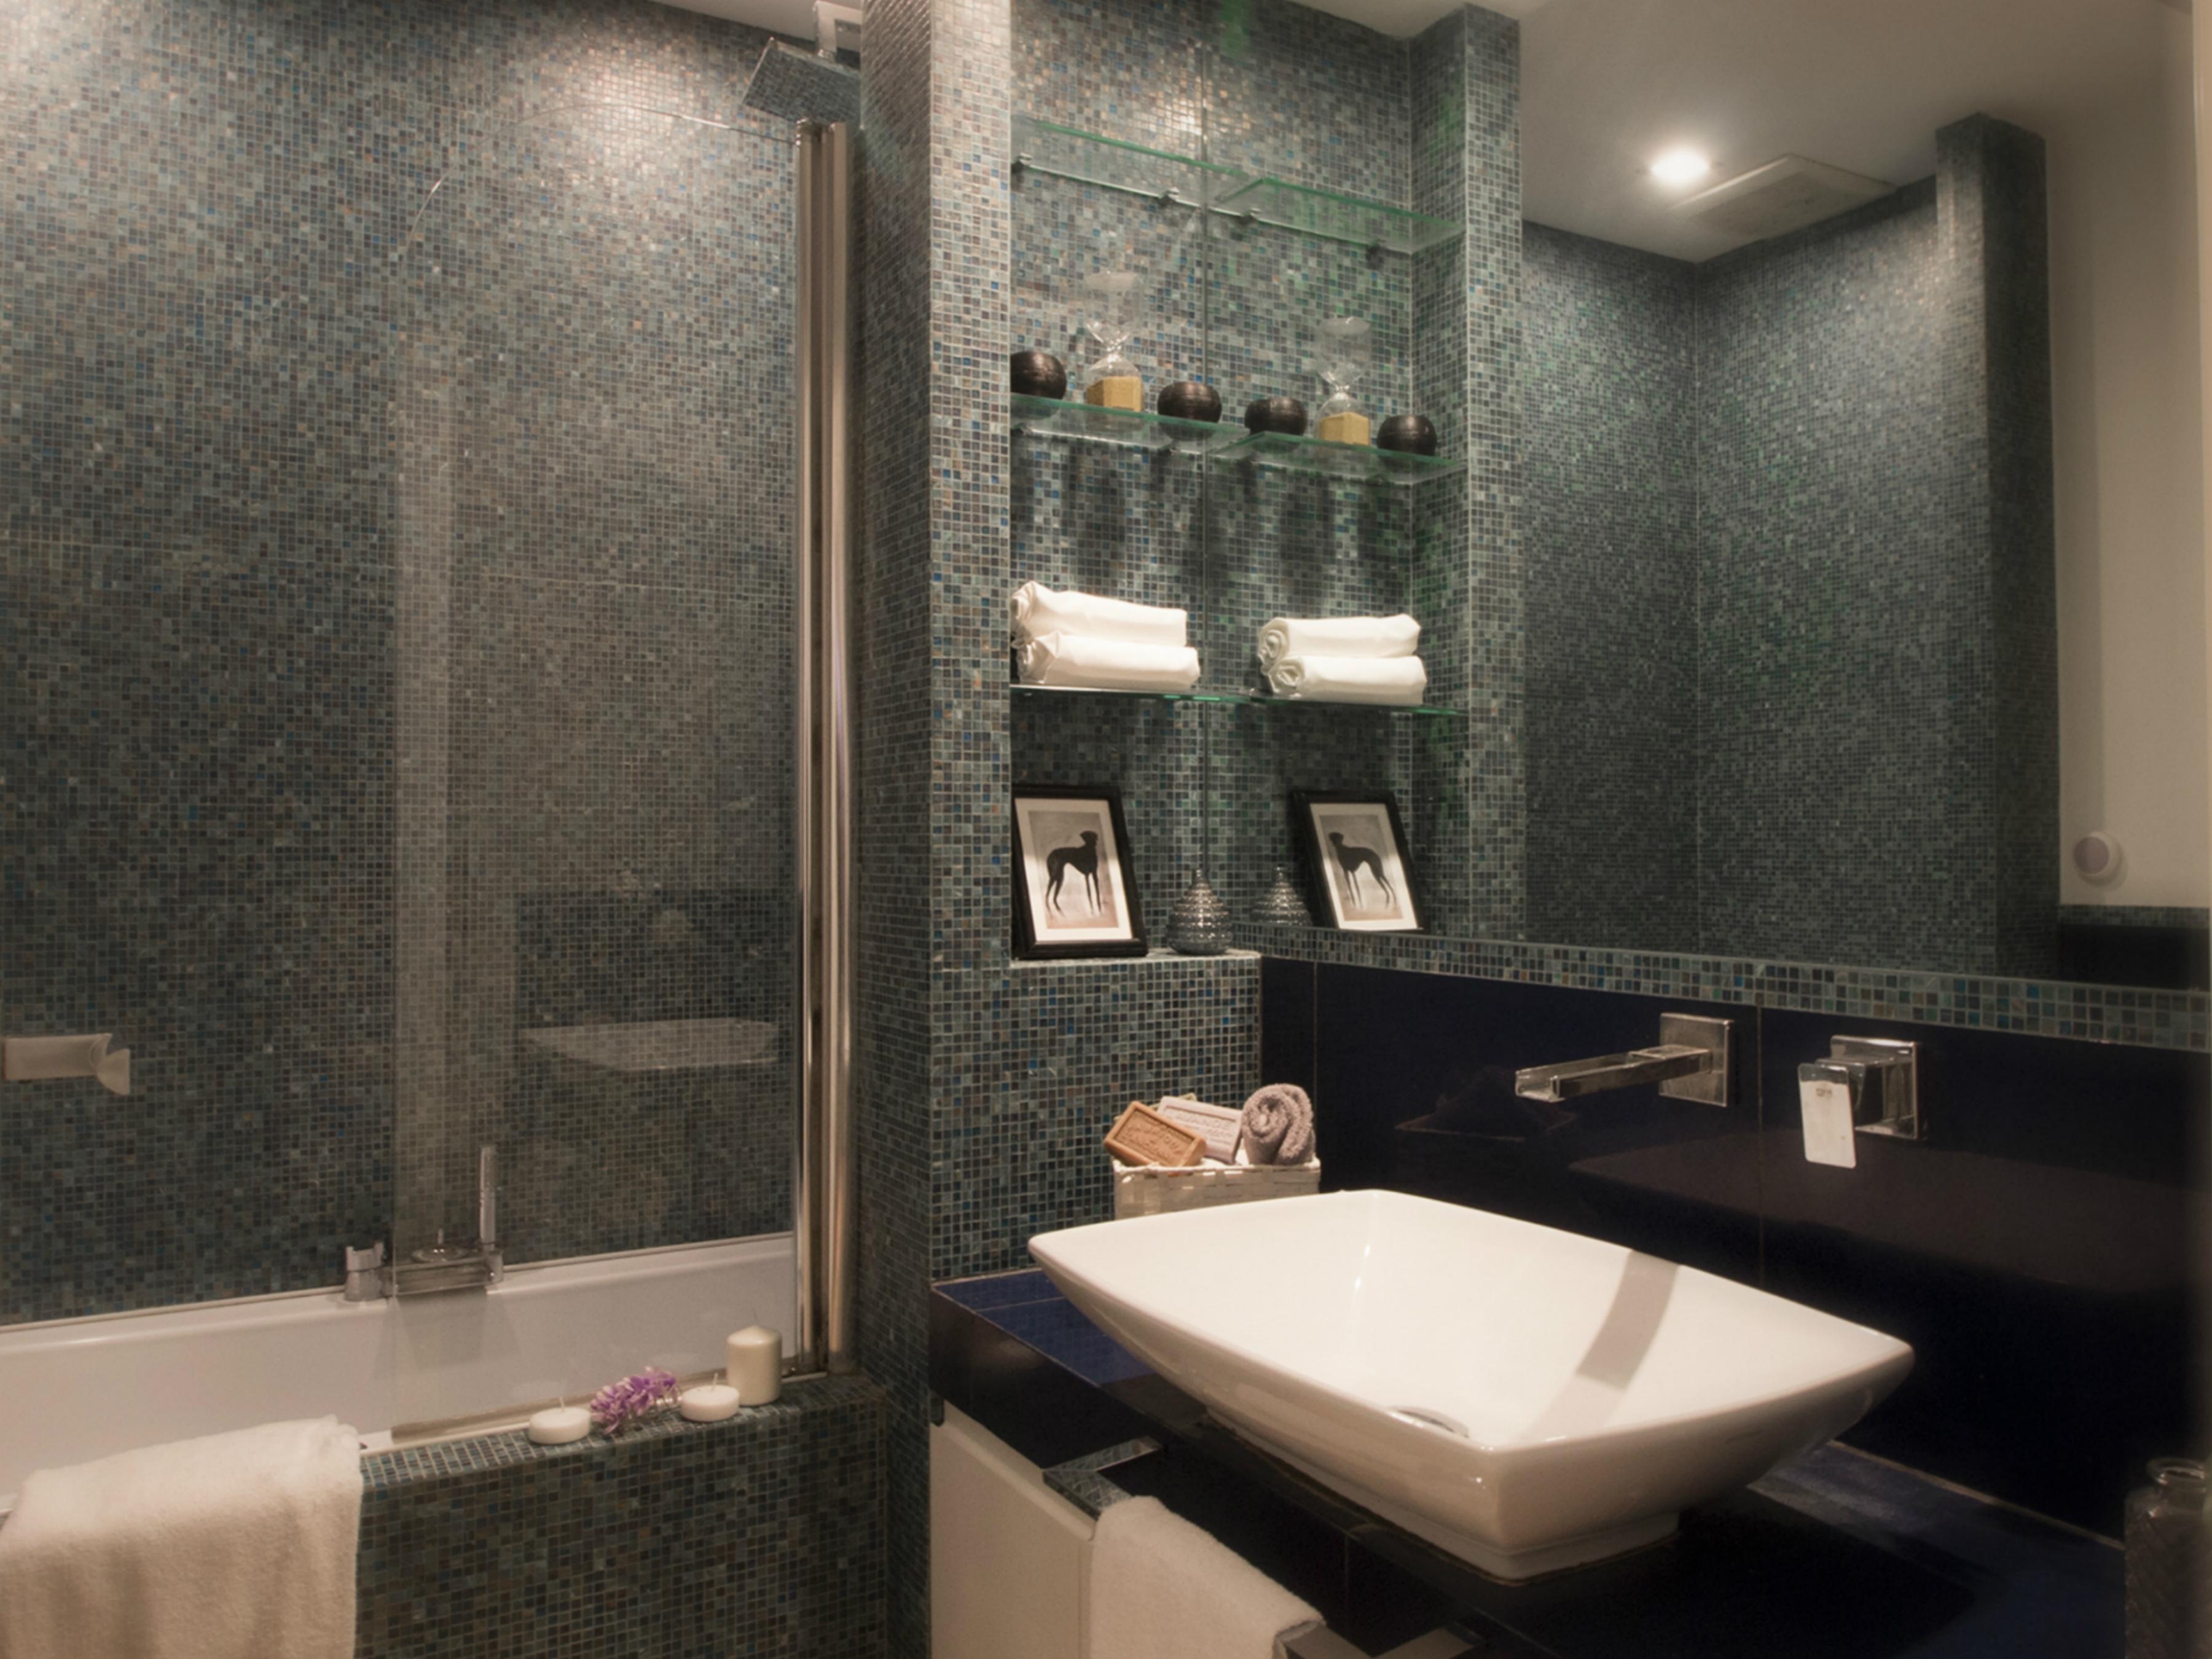 Bagno airbnb dopo l'intervento